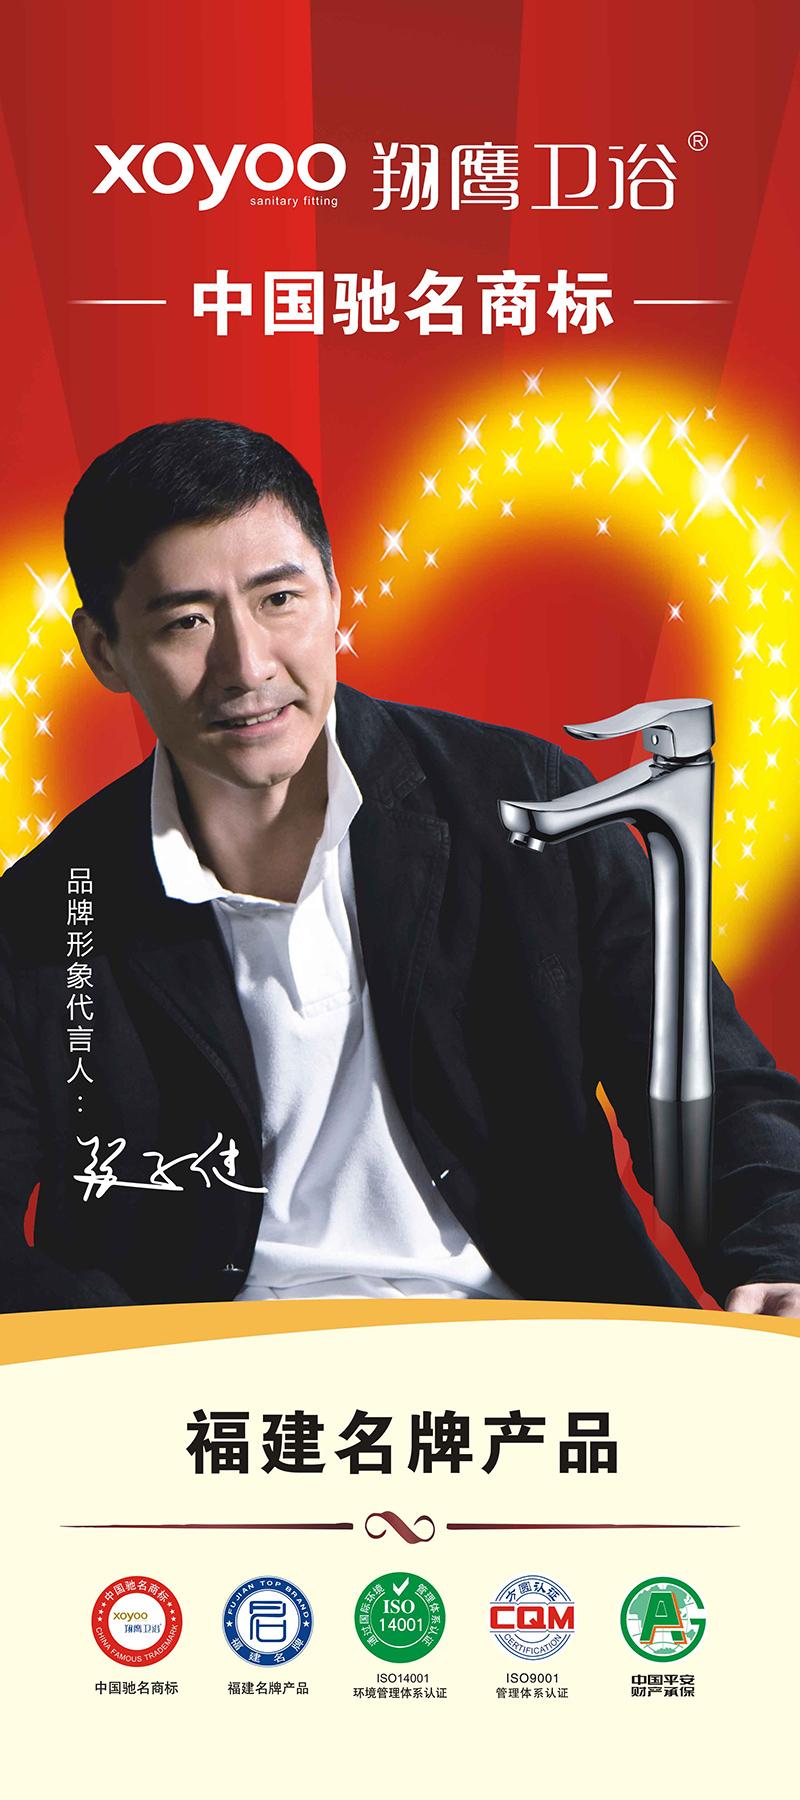 xoyoo-Xzhanjia